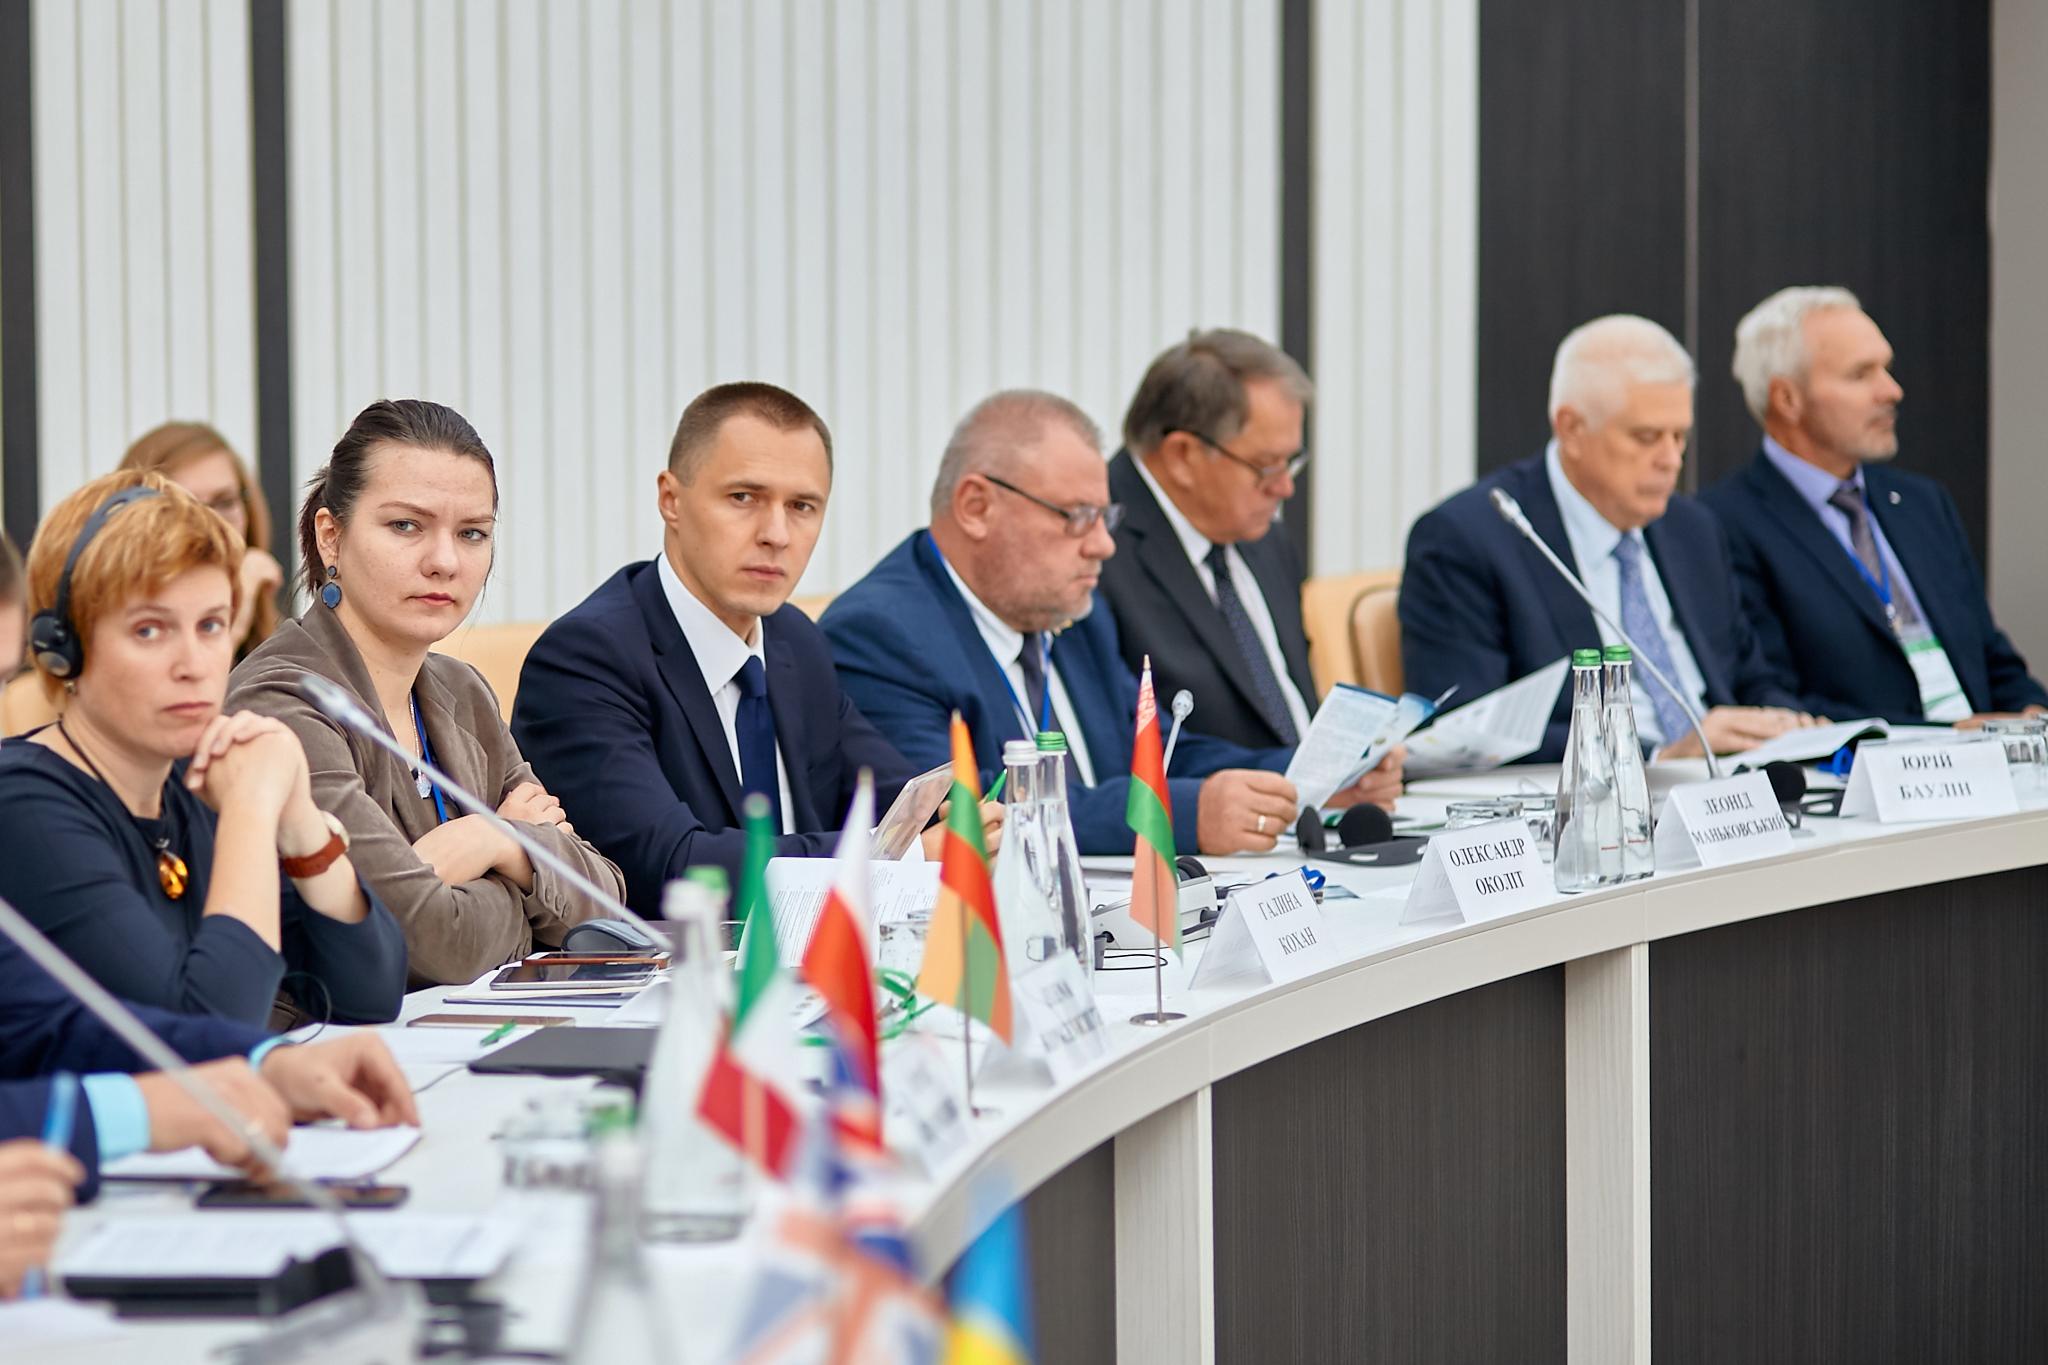 ІІ Харківський міжнародний юридичний форум: експерти Антикорупційної ініціативи ЄС в Україні розповіли як допомагають боротися з корупцією